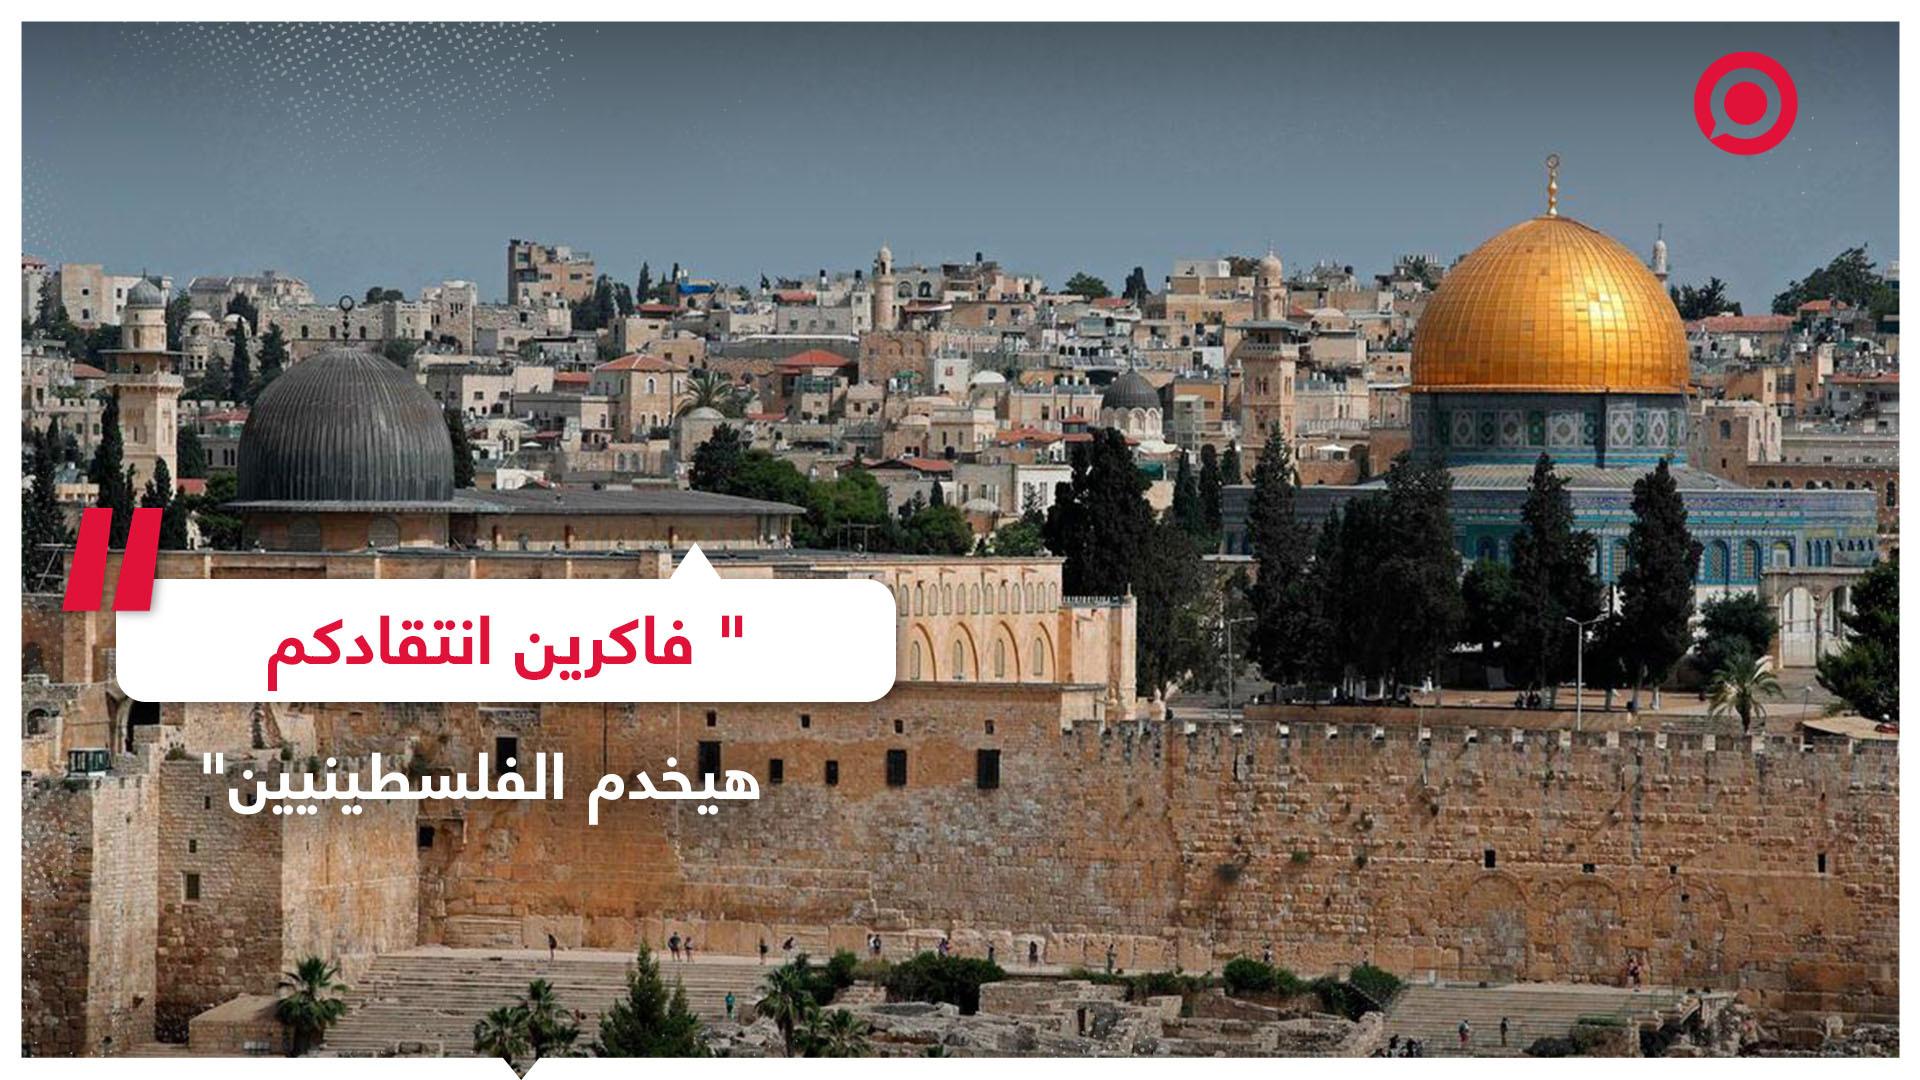 #محمد_رمضان#إسرائيل#مصر#صورة#فلسطين#الخارجية